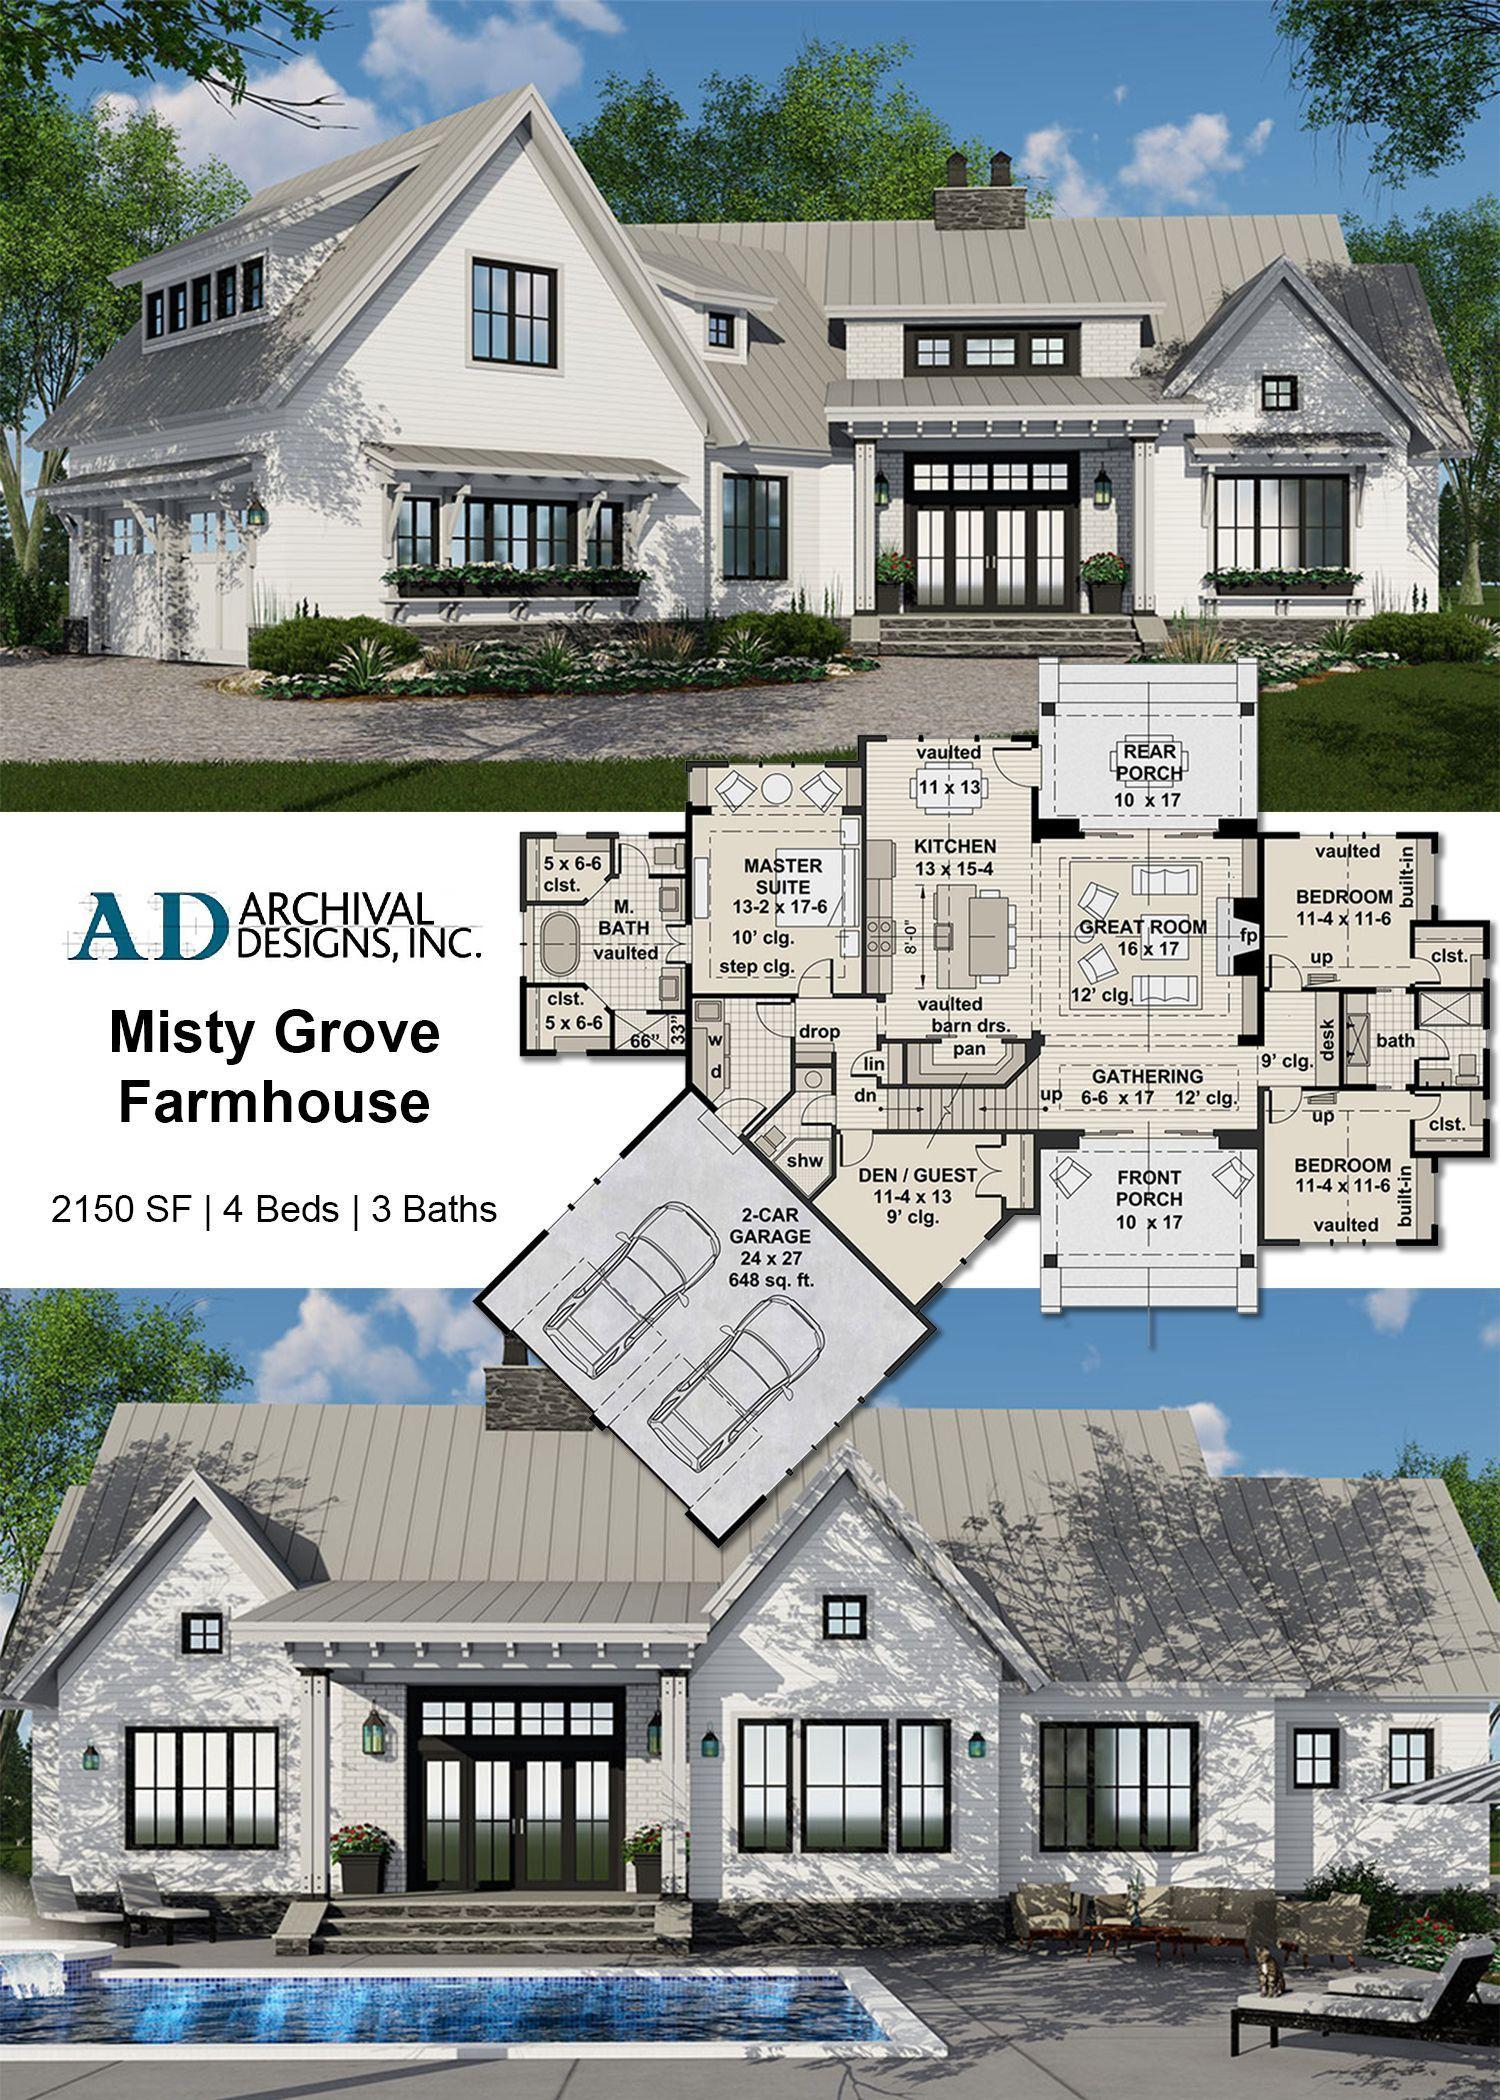 Fresh House Plans Farmhouse Misty Grove House Plan In 2020 House Plans Farmhouse Farmhouse Plans Modern Farmhouse Floorplan